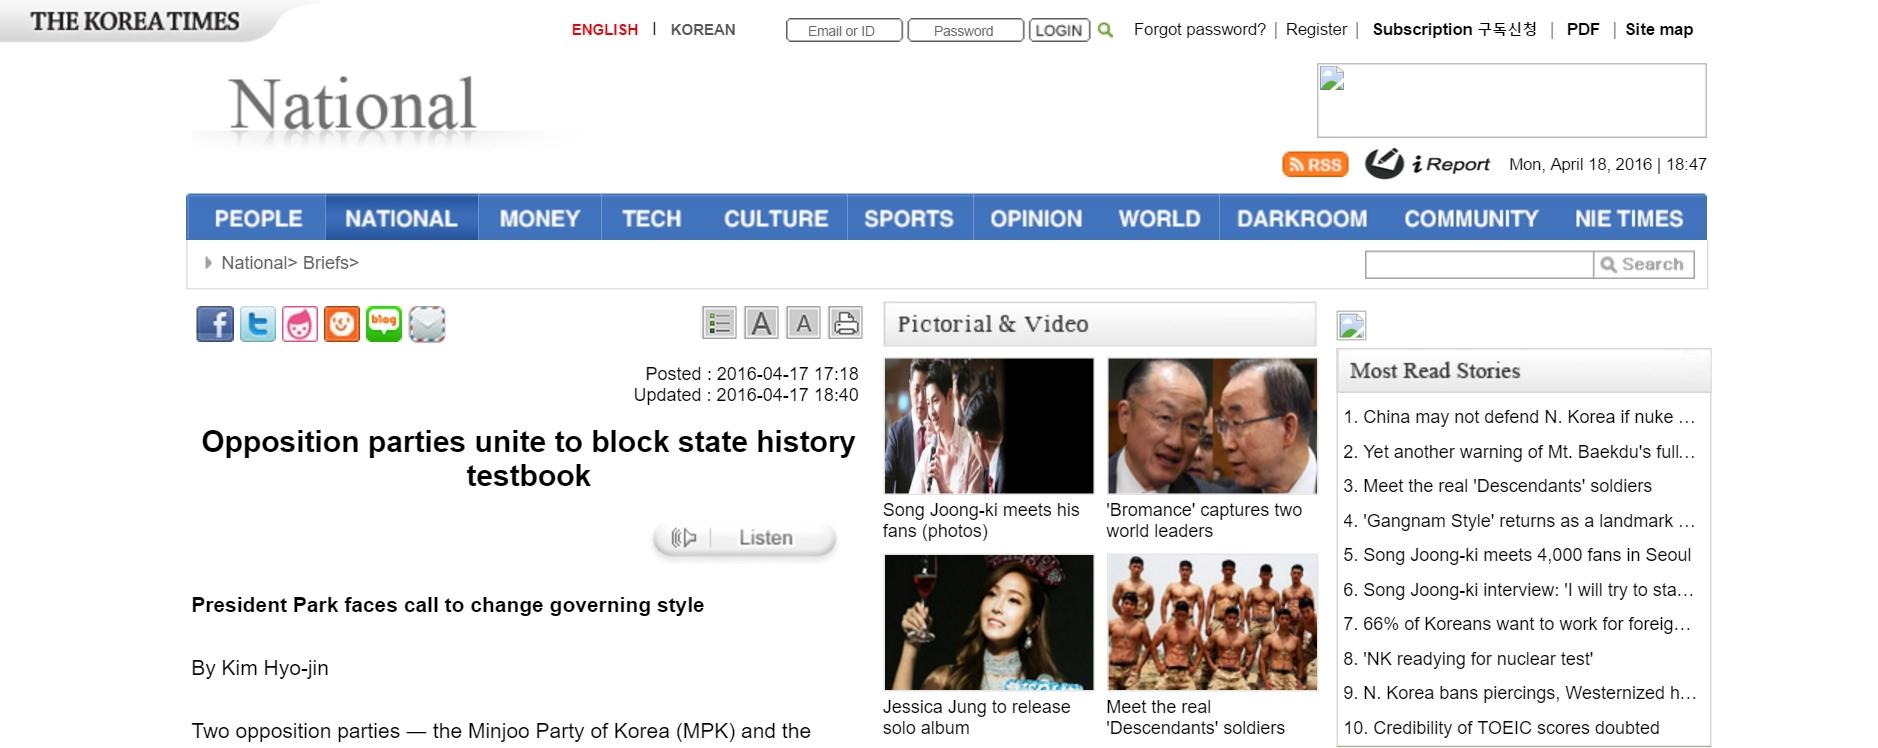 """Les nouveaux partis majoritaires au Parlement sud-coréen pourront-ils bloquer la publication de livres d'histoires écrits par l'Etat ? Copie d'écran du """"Korea Times"""", le 18 avril 2016."""